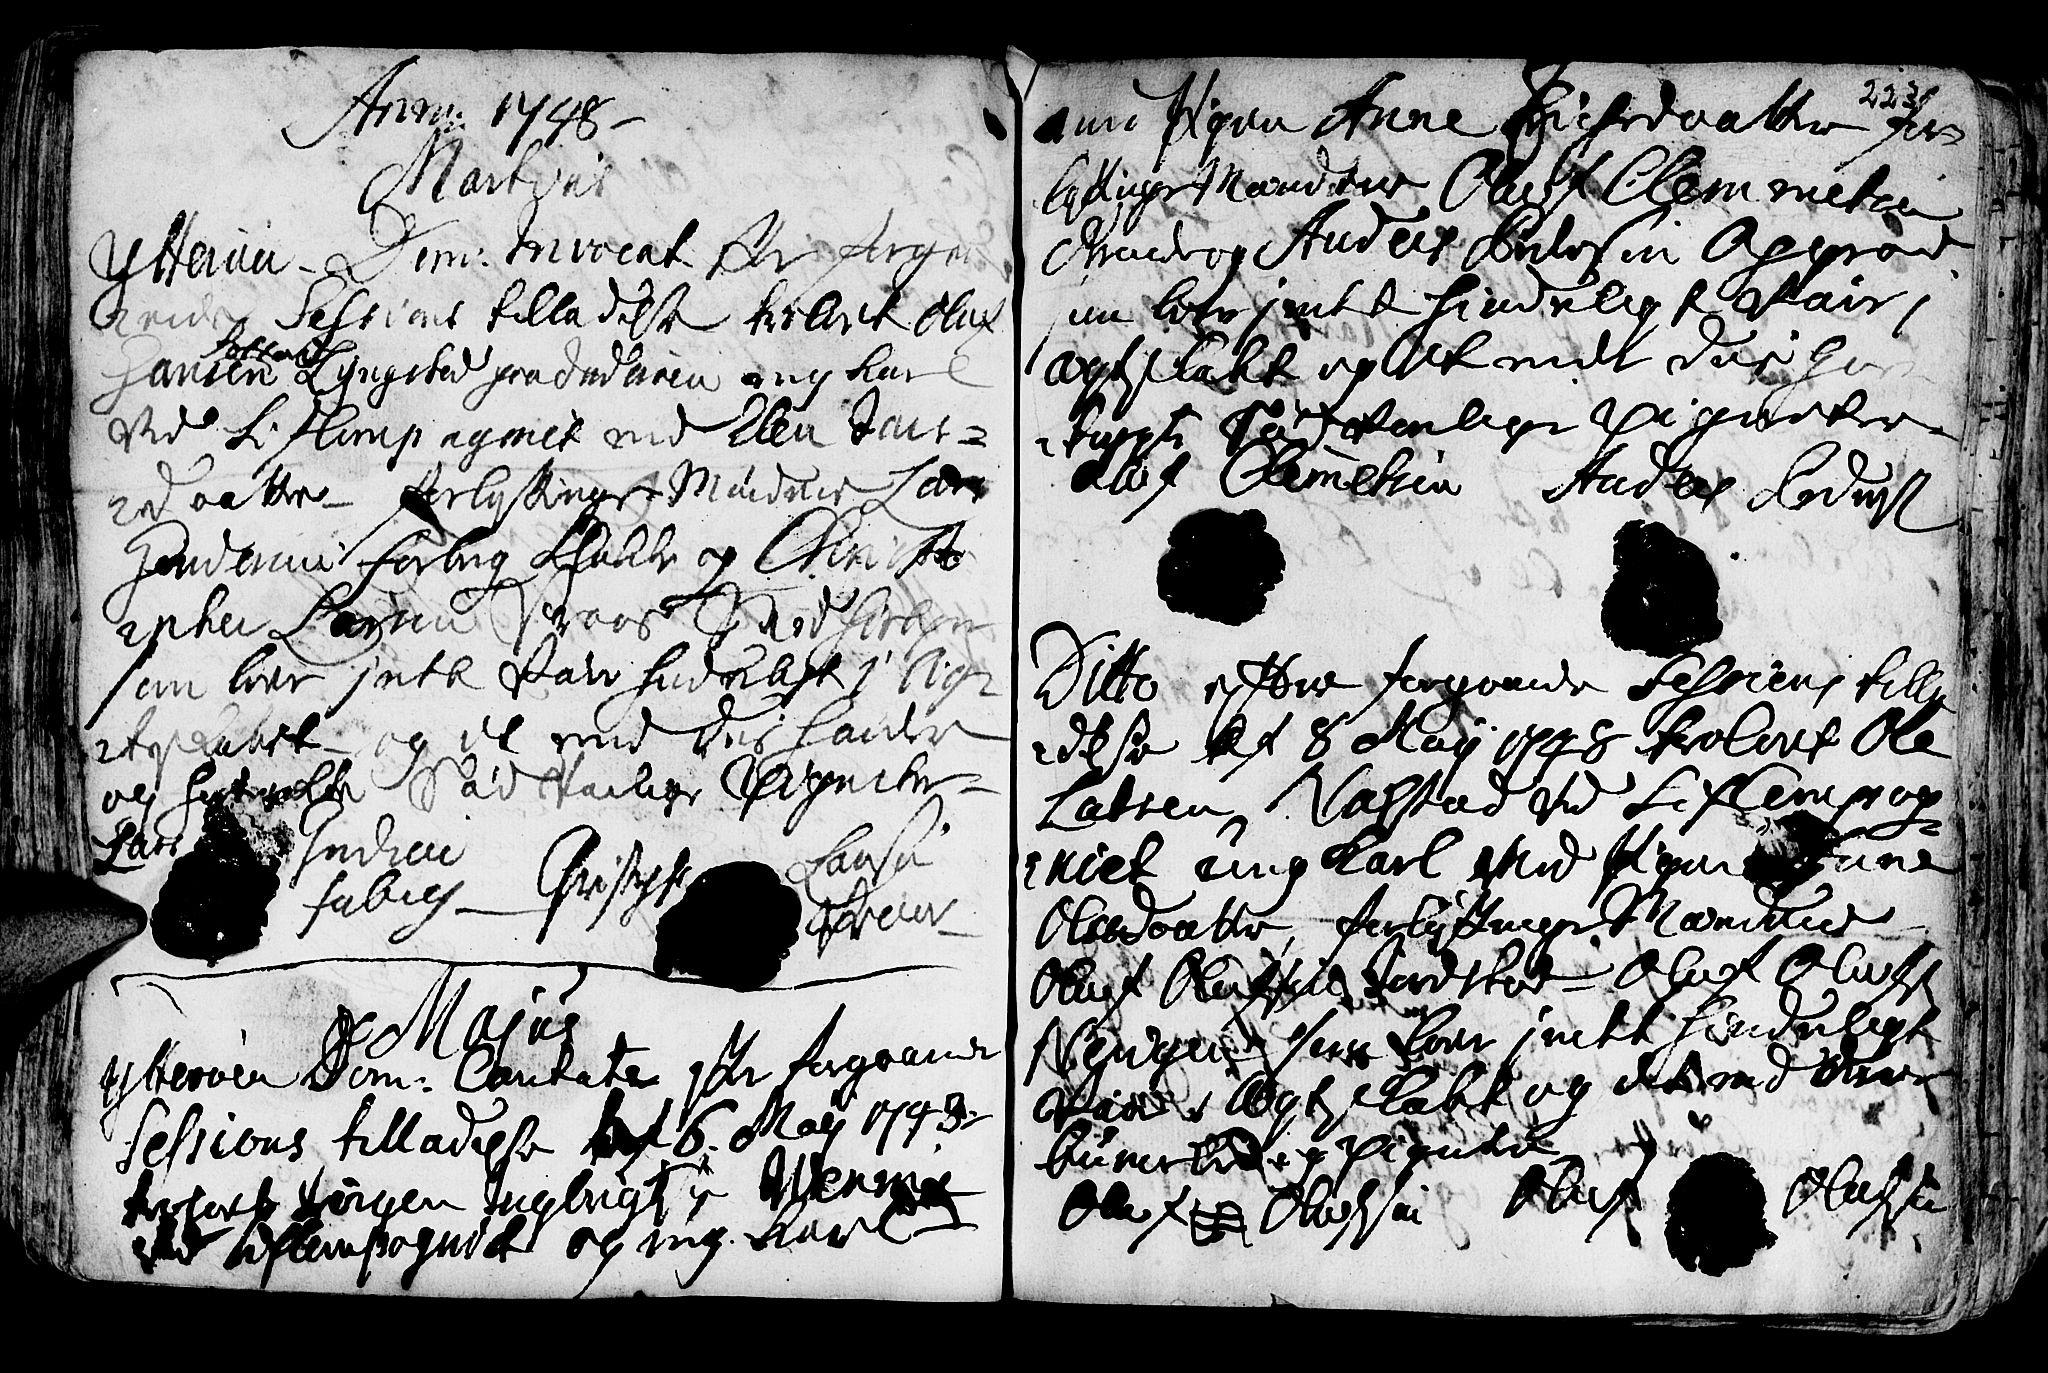 SAT, Ministerialprotokoller, klokkerbøker og fødselsregistre - Nord-Trøndelag, 722/L0215: Ministerialbok nr. 722A02, 1718-1755, s. 223